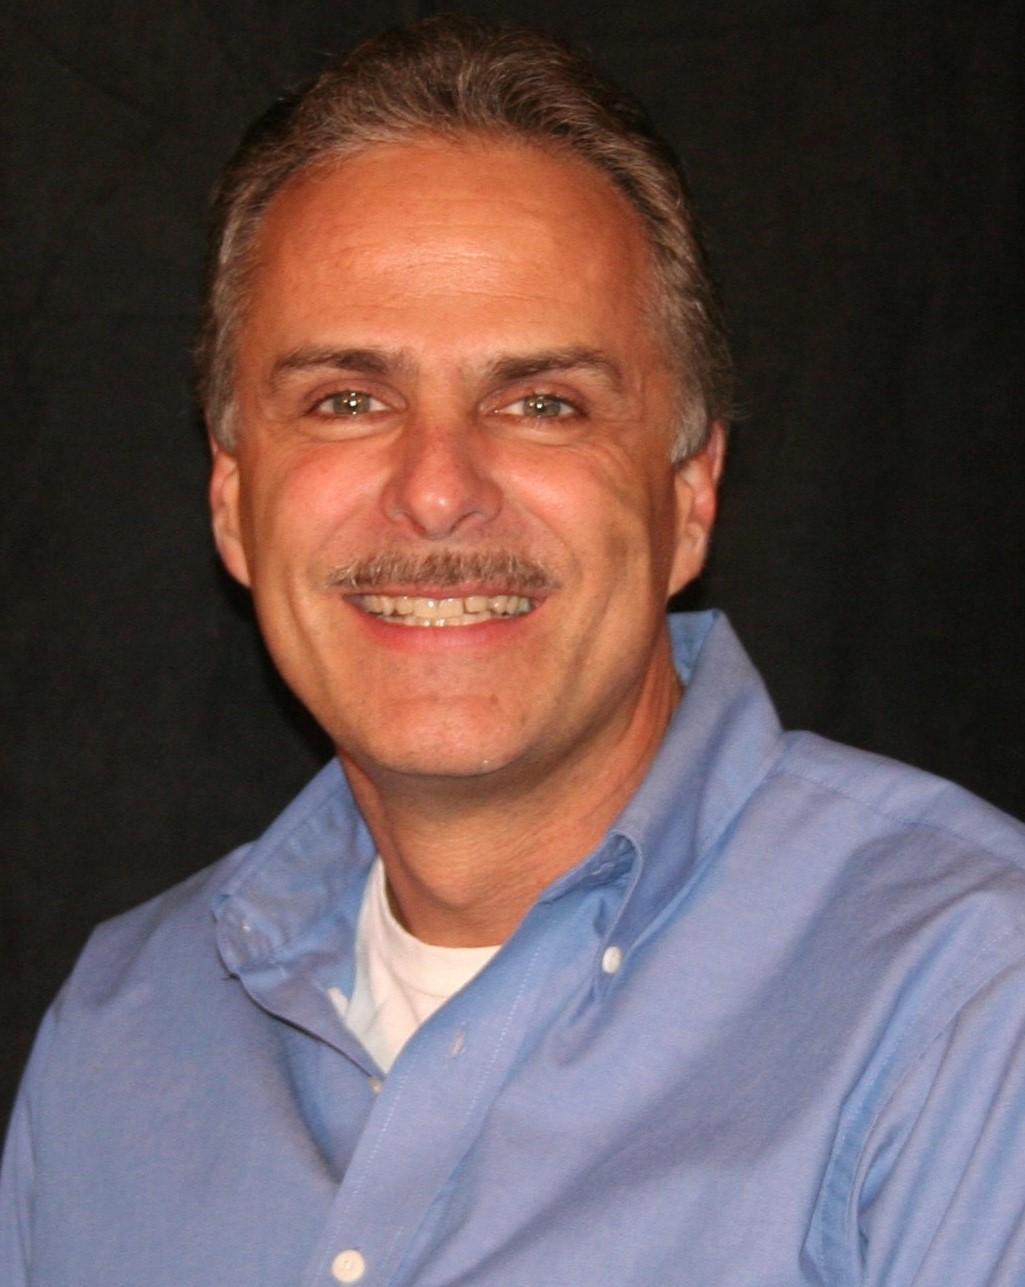 Tom Hayes, President